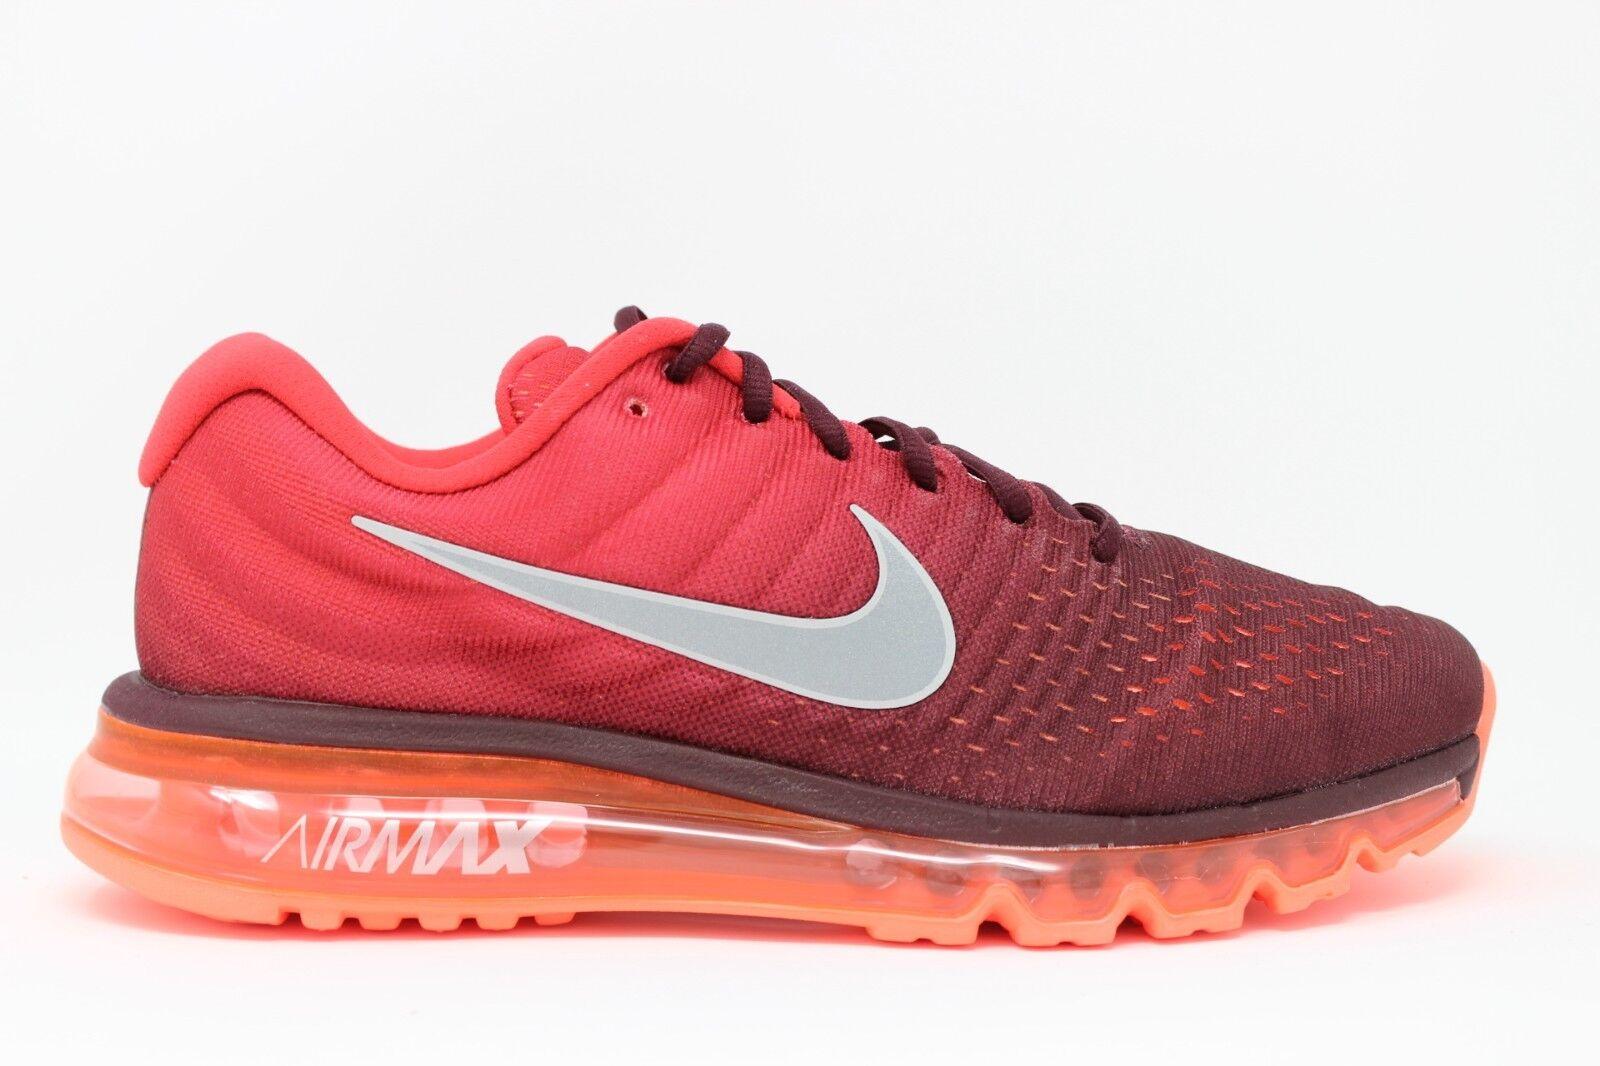 Nike air max 2017 uomini 849559 601 notte amaranto bianco rosso in una scatola nuova di zecca.